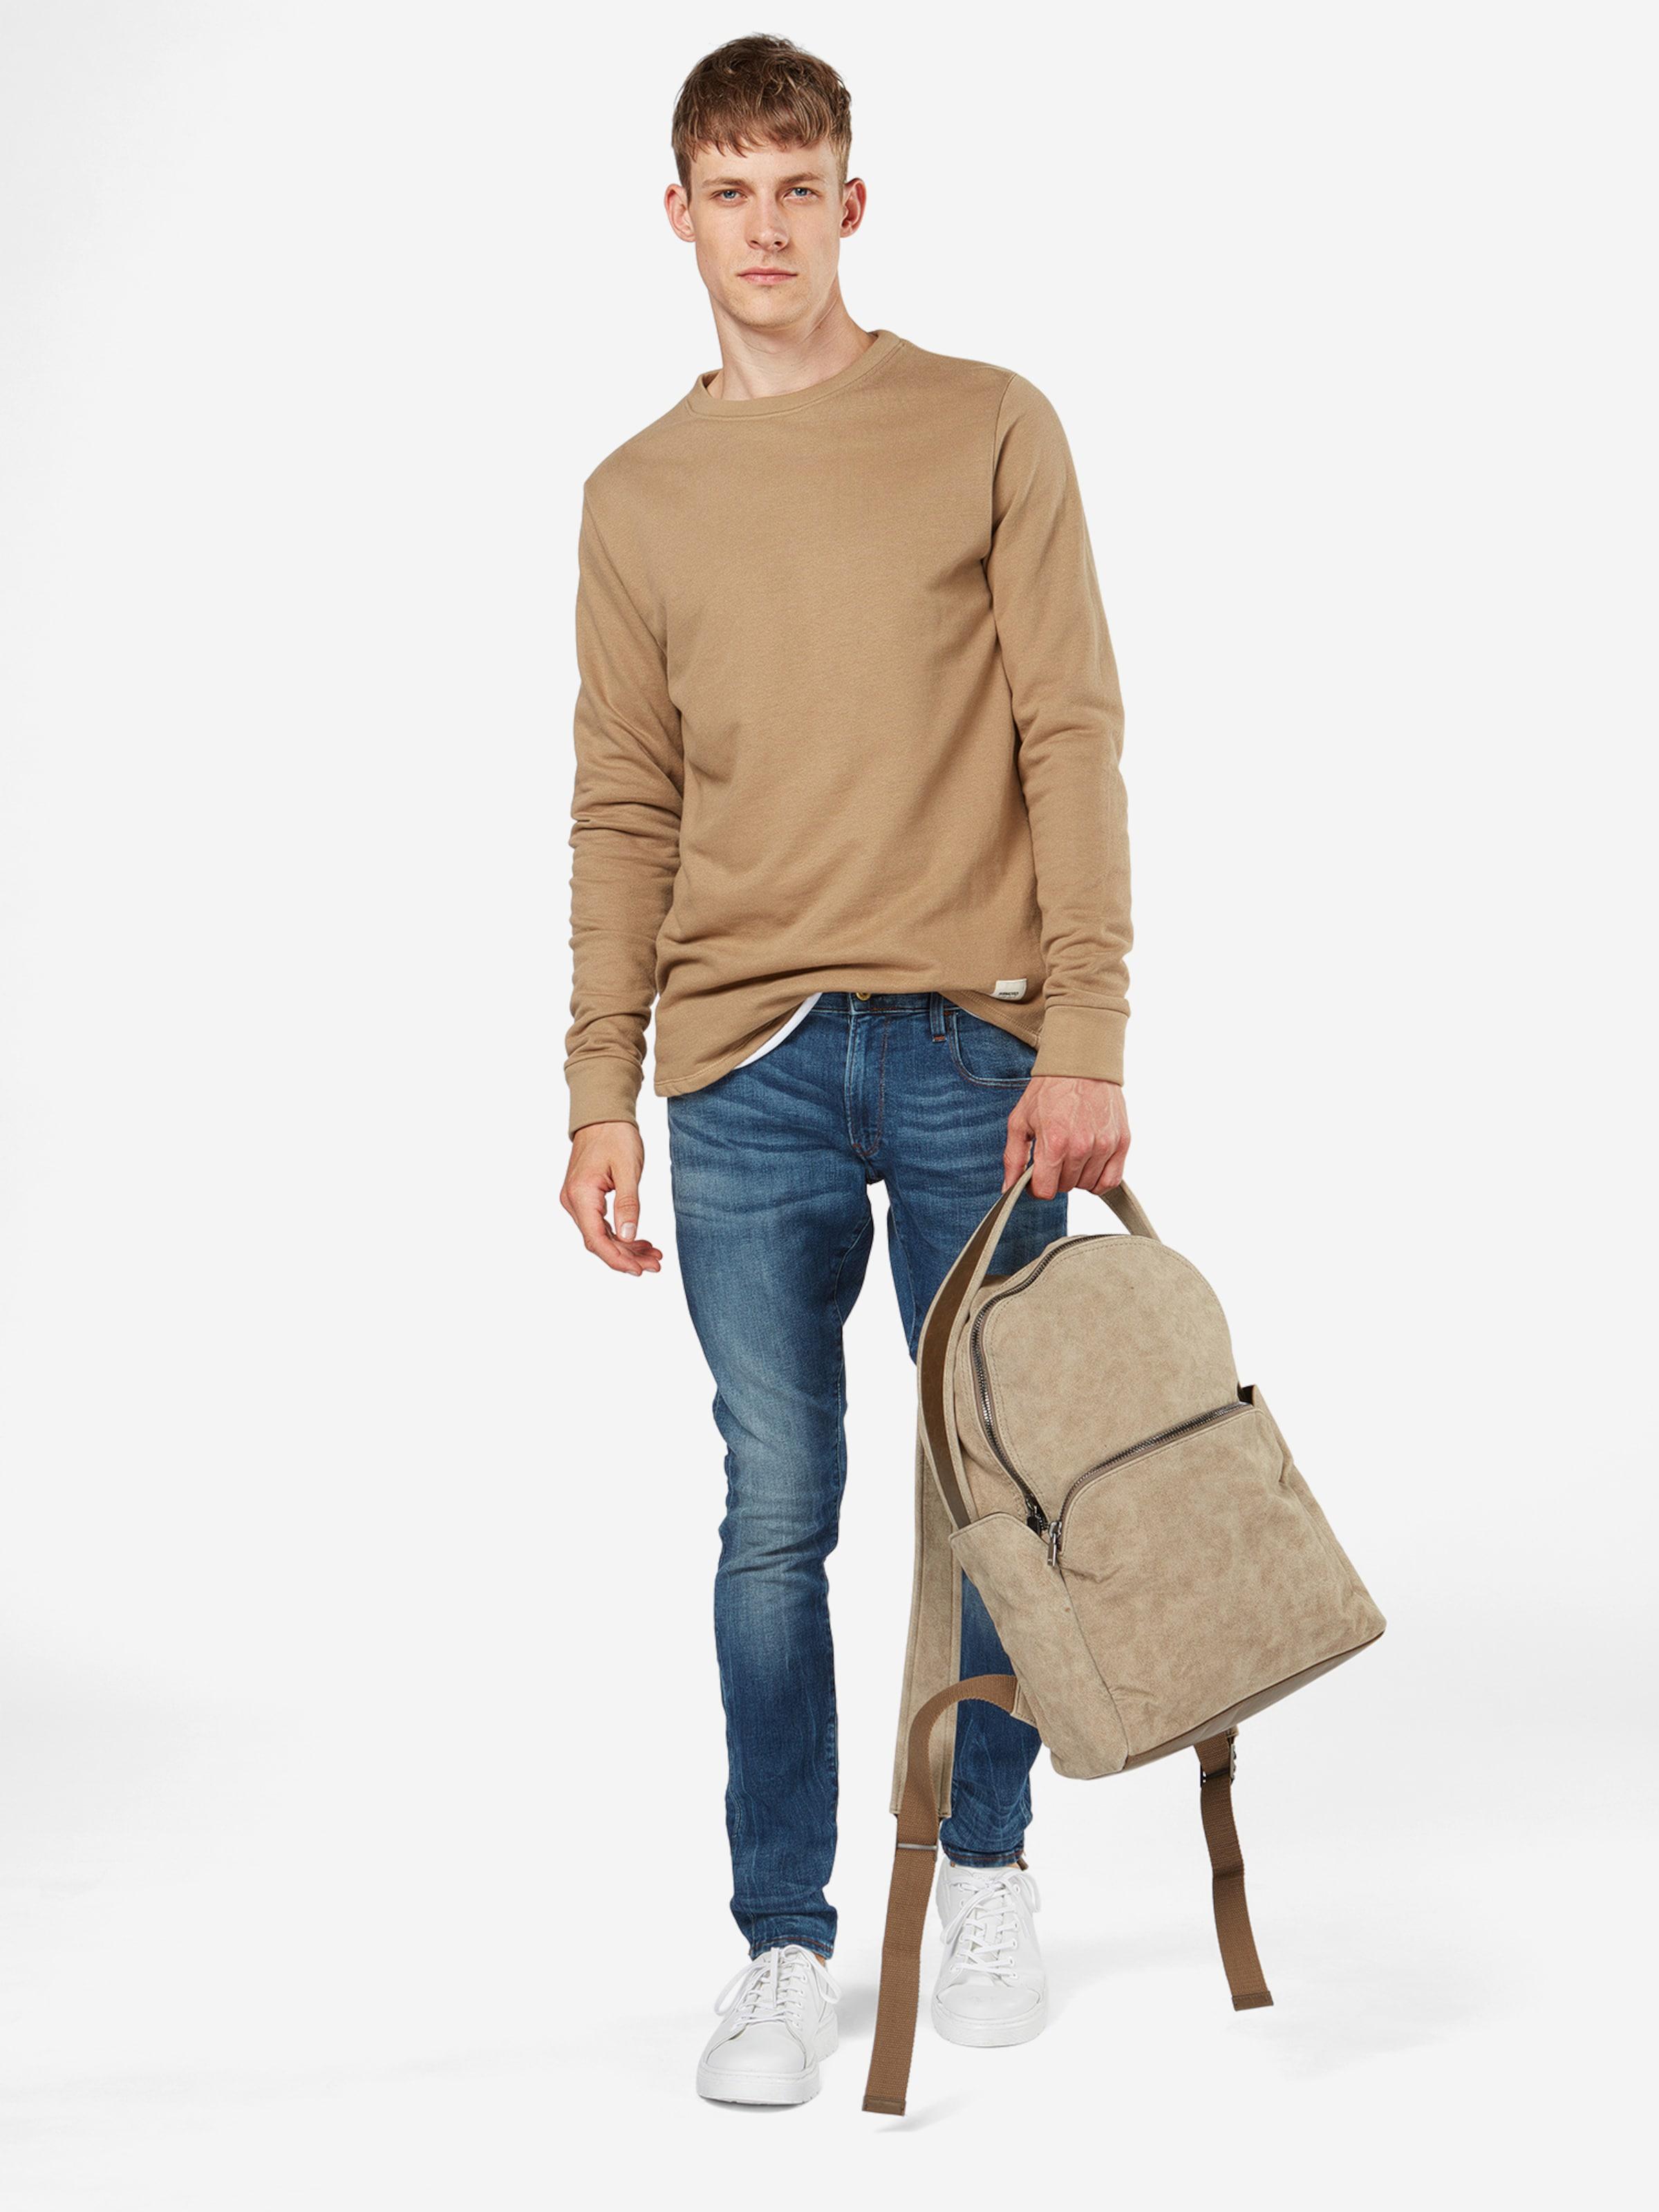 G-STAR RAW Jeans '3301 Deconstructed Super Slim' Billig Verkauf Veröffentlichungstermine Rabatt Nicekicks Billige Auslass iSzTa9i43W